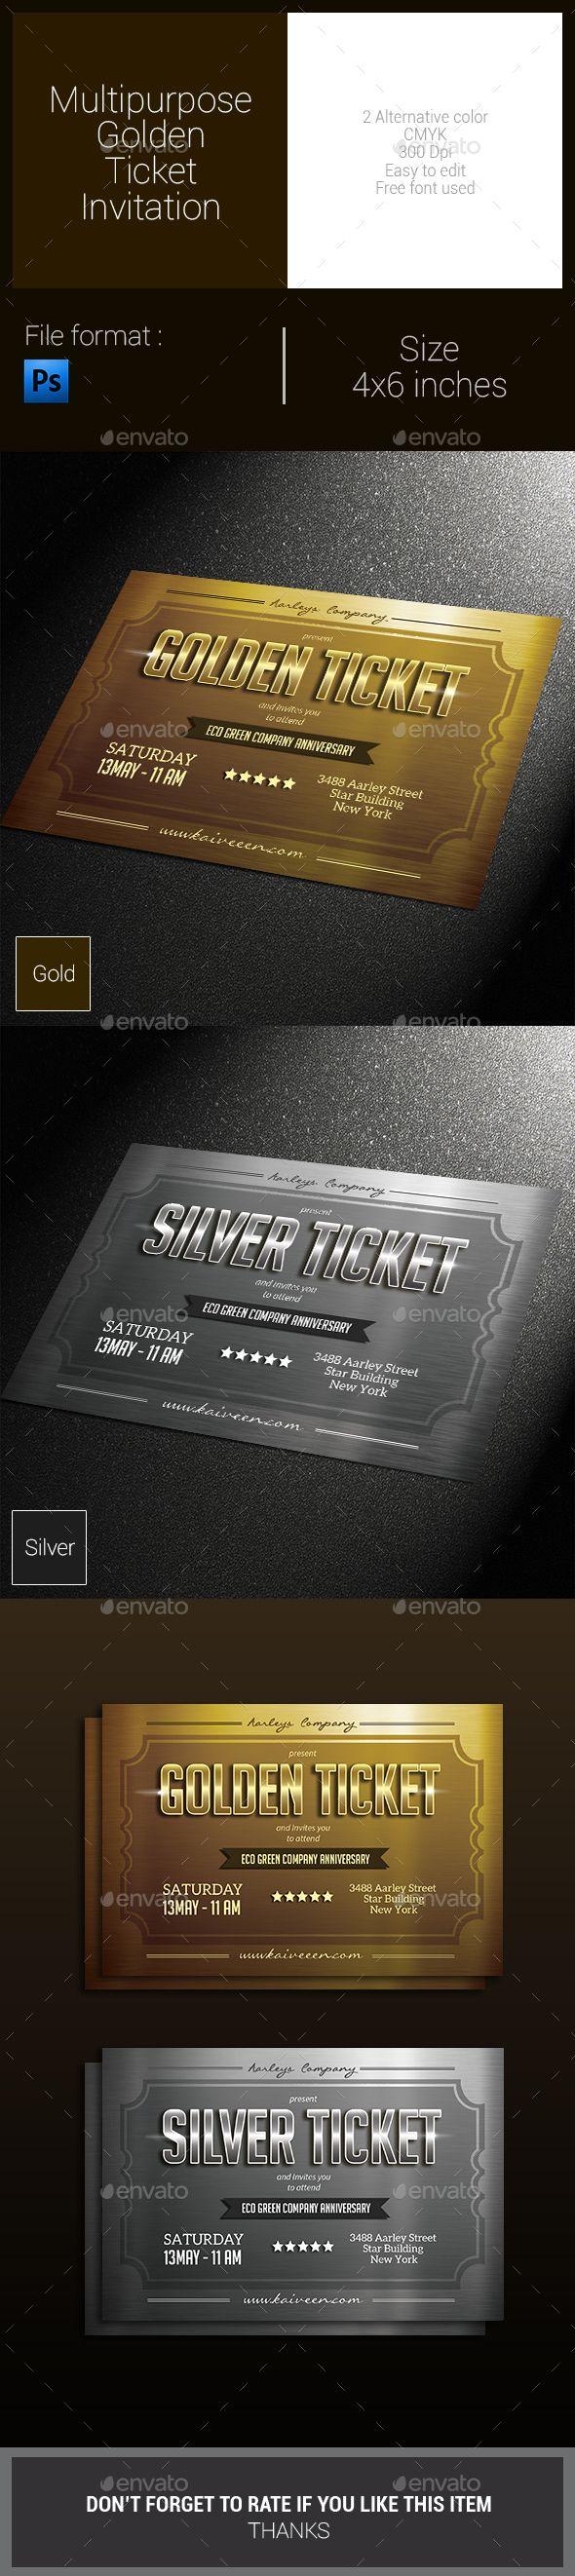 Best 25+ Golden ticket ideas on Pinterest | Pay my ticket, Get ...